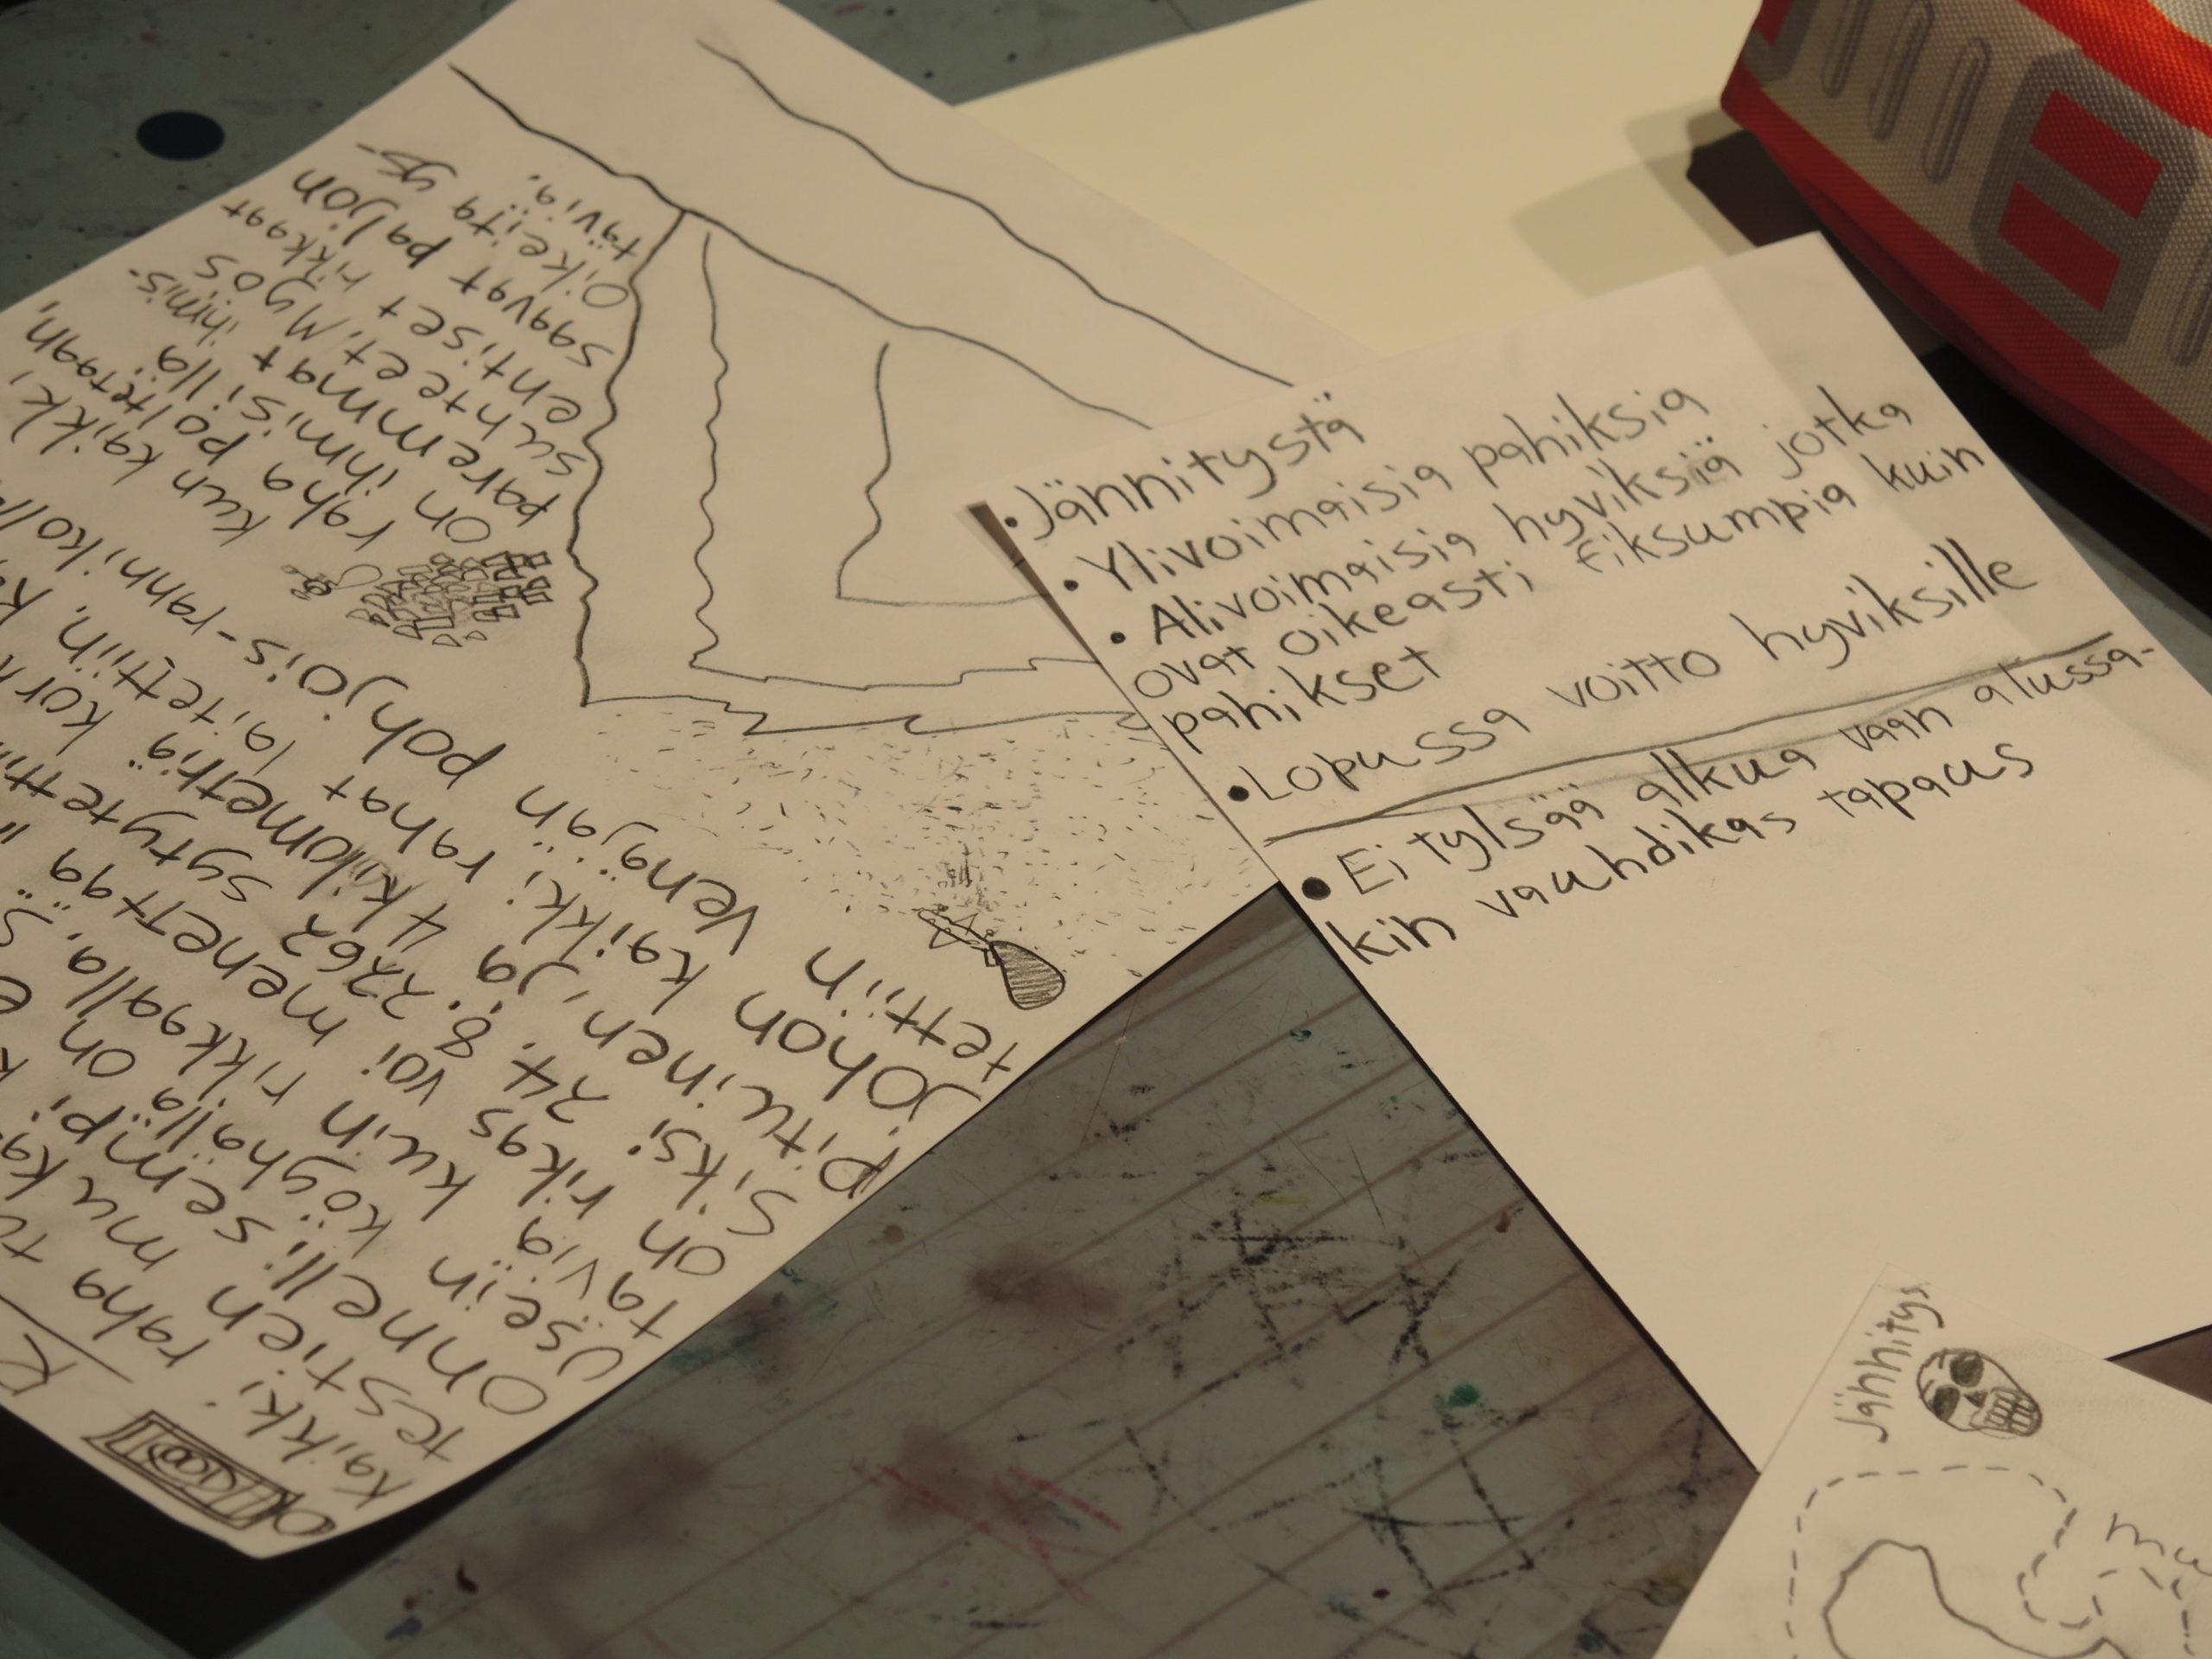 Lapsen tekemiä tehtäviä paperilla